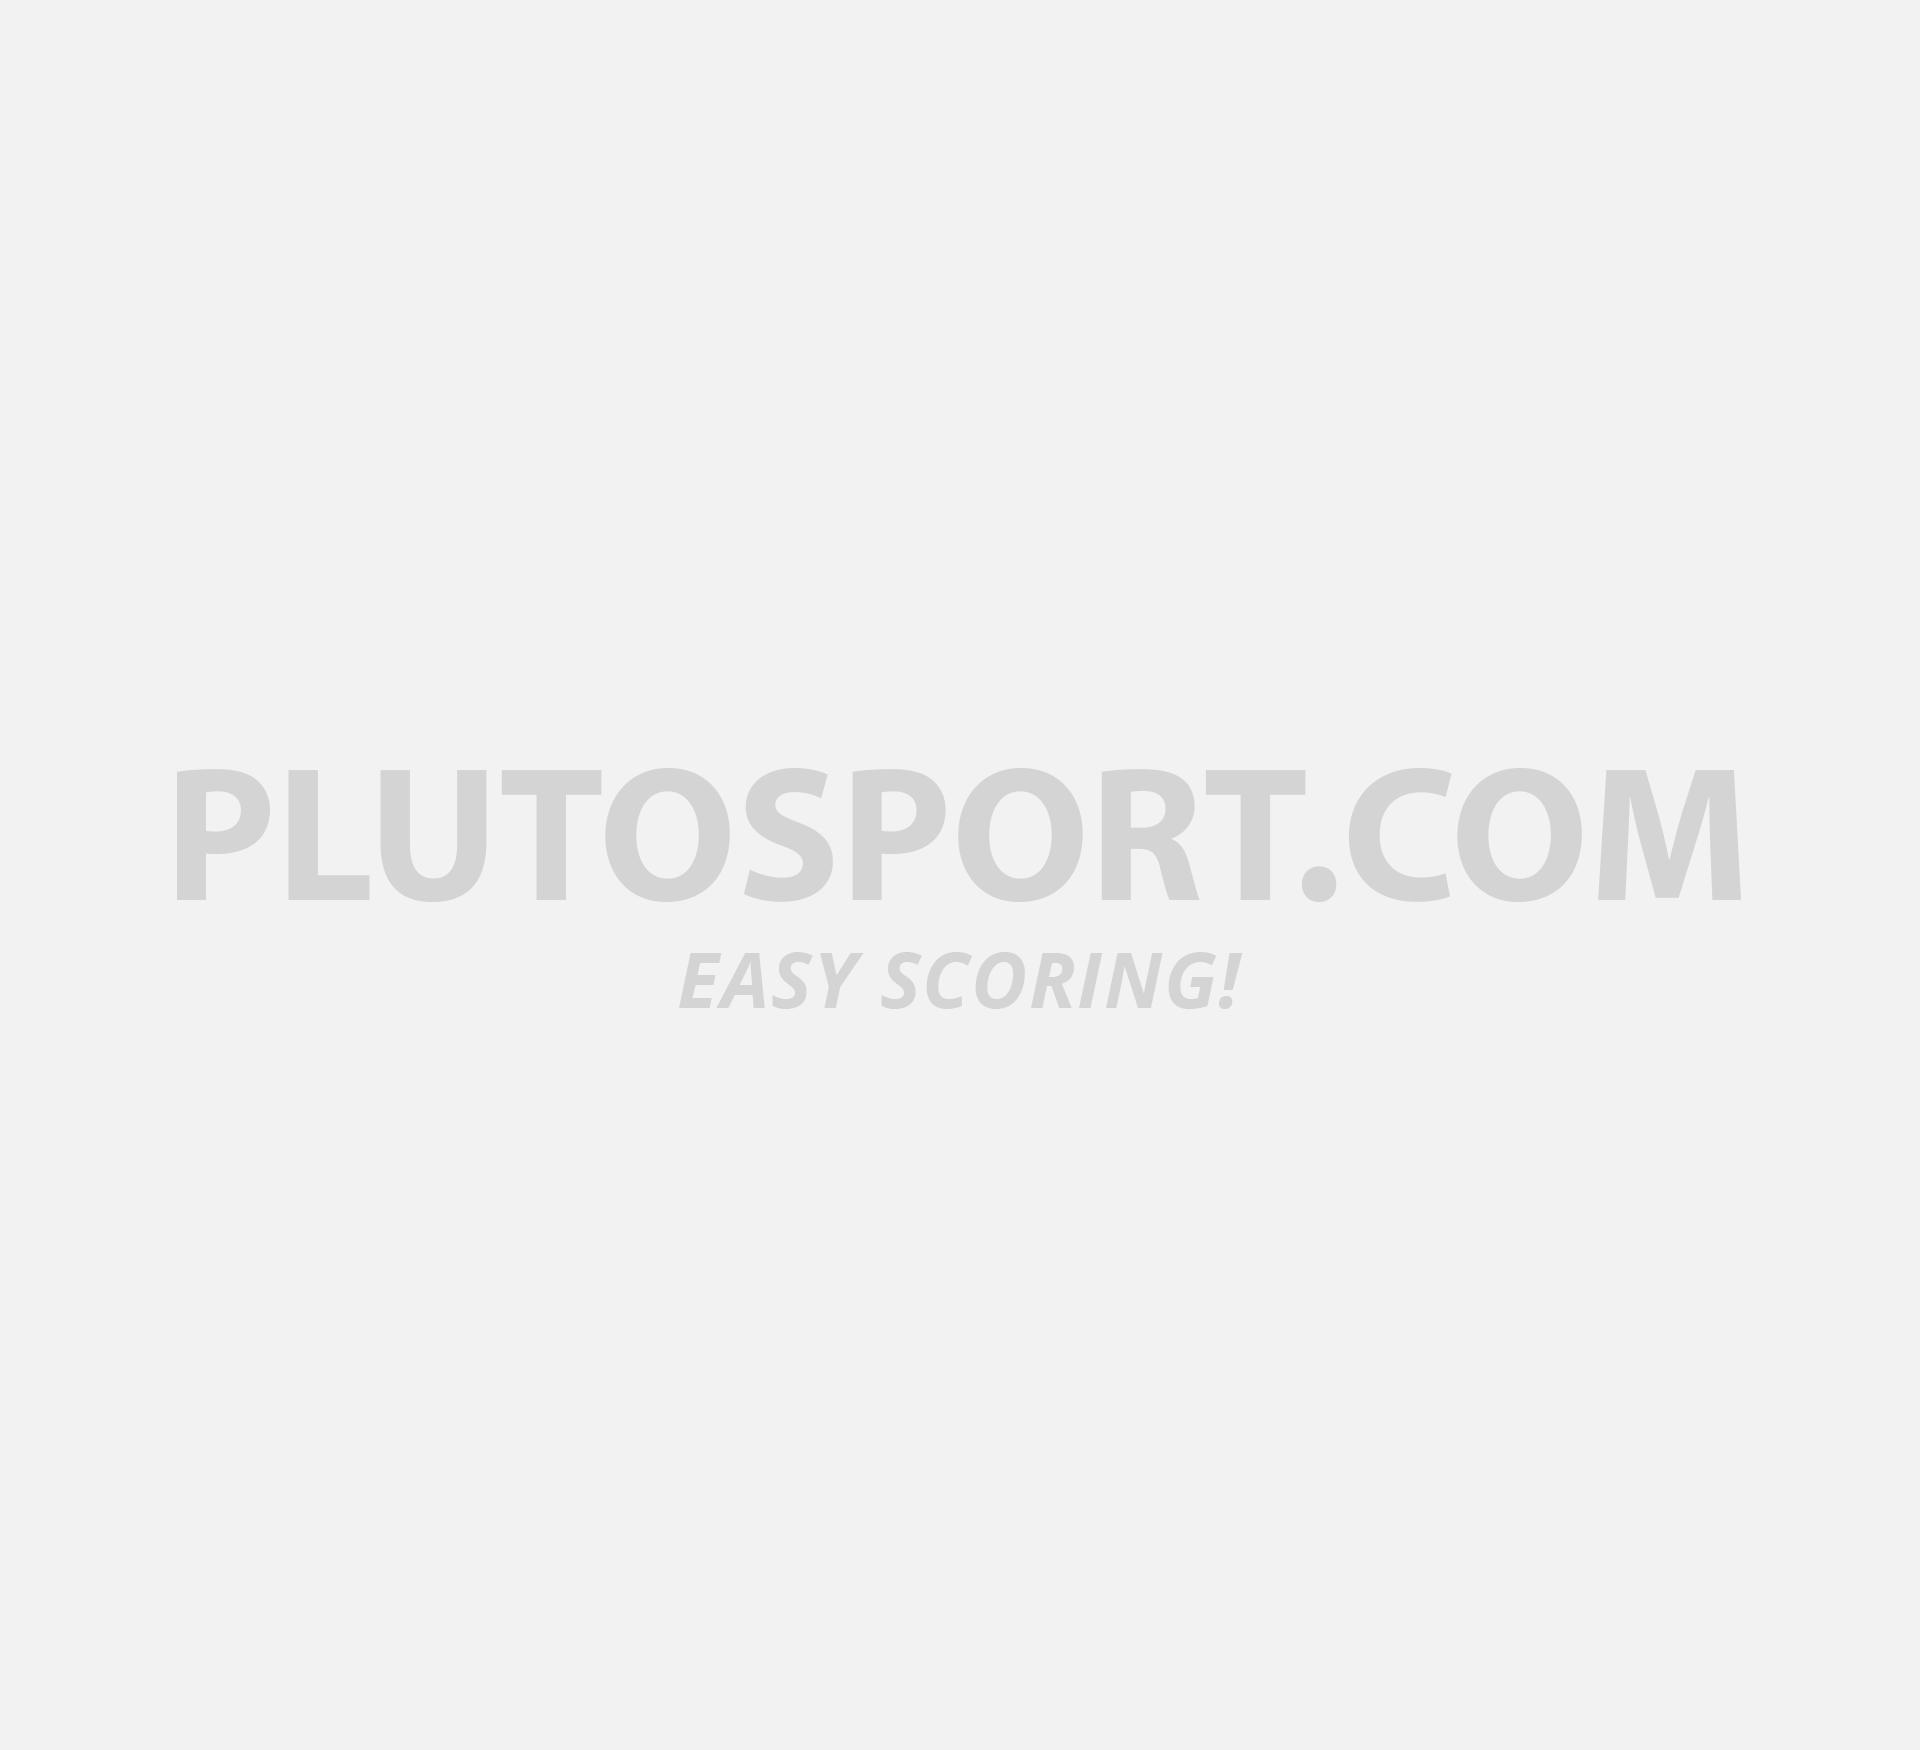 73a7243f1e3c Salomon City Cross Aero W - Casual shoes - Shoes - Lifestyle - Sports